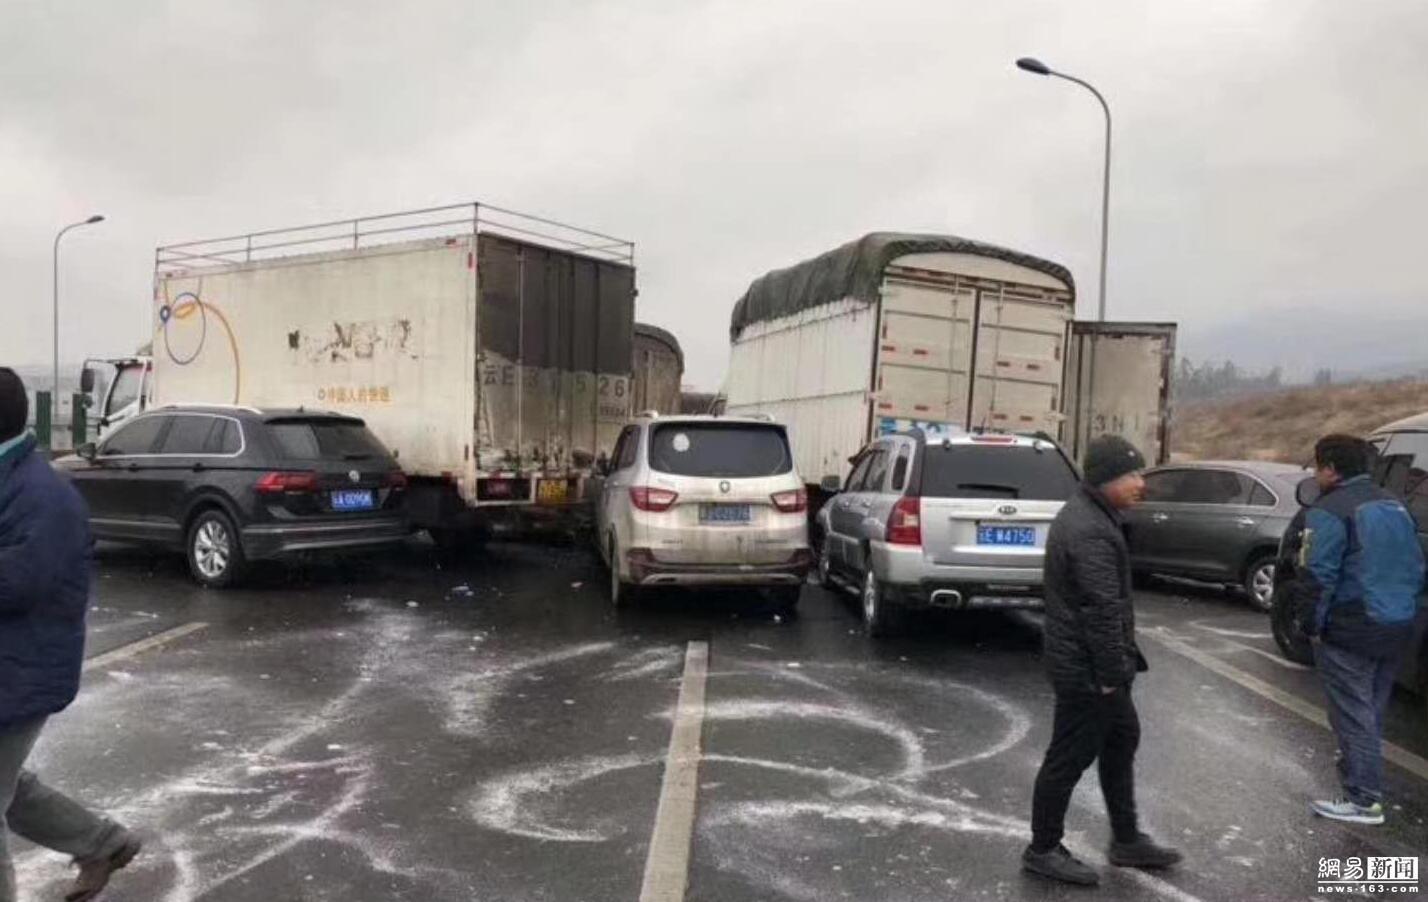 云南高速53车连撞 家属被搀扶到殡仪馆 !!! - 周公乐 - xinhua8848 的博客